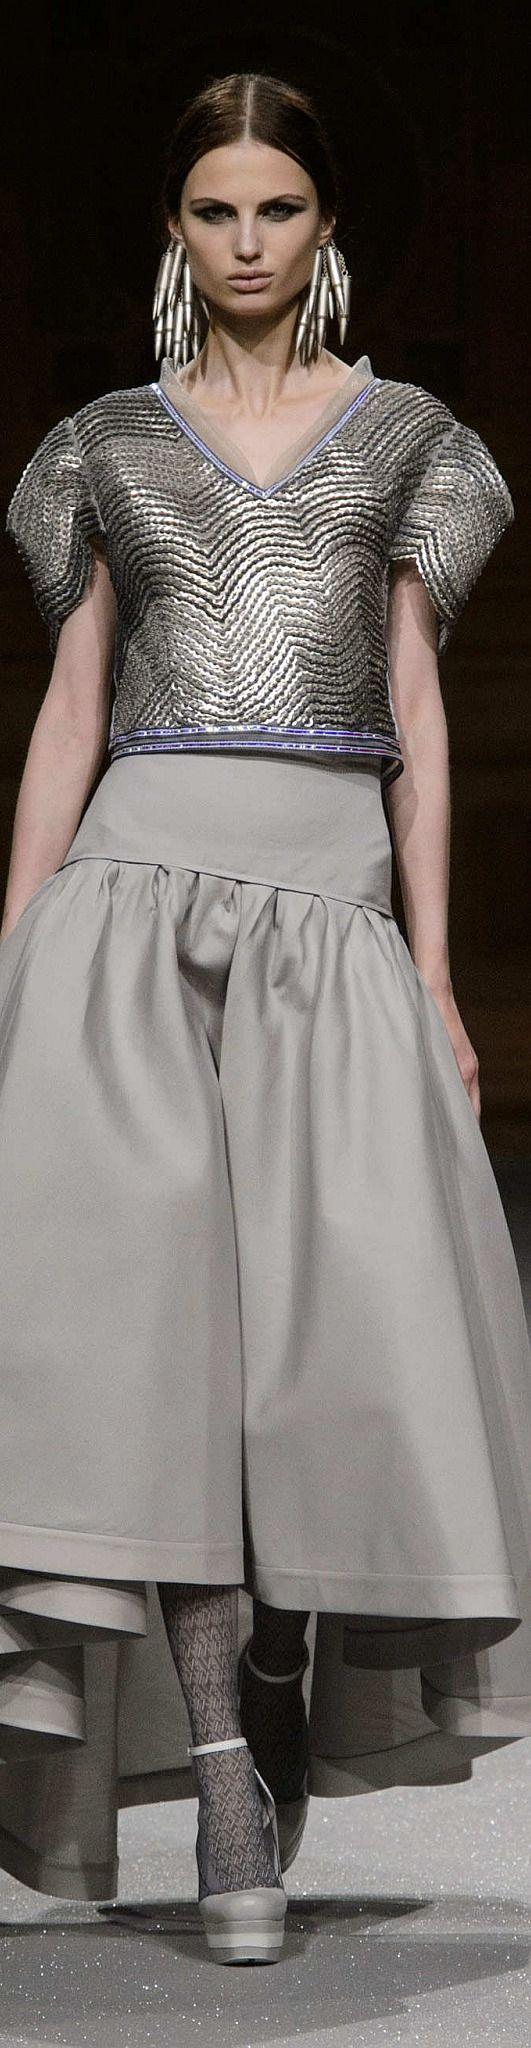 Oscar Carvallo Collection Fall 2014 Couture | The House of Beccaria~